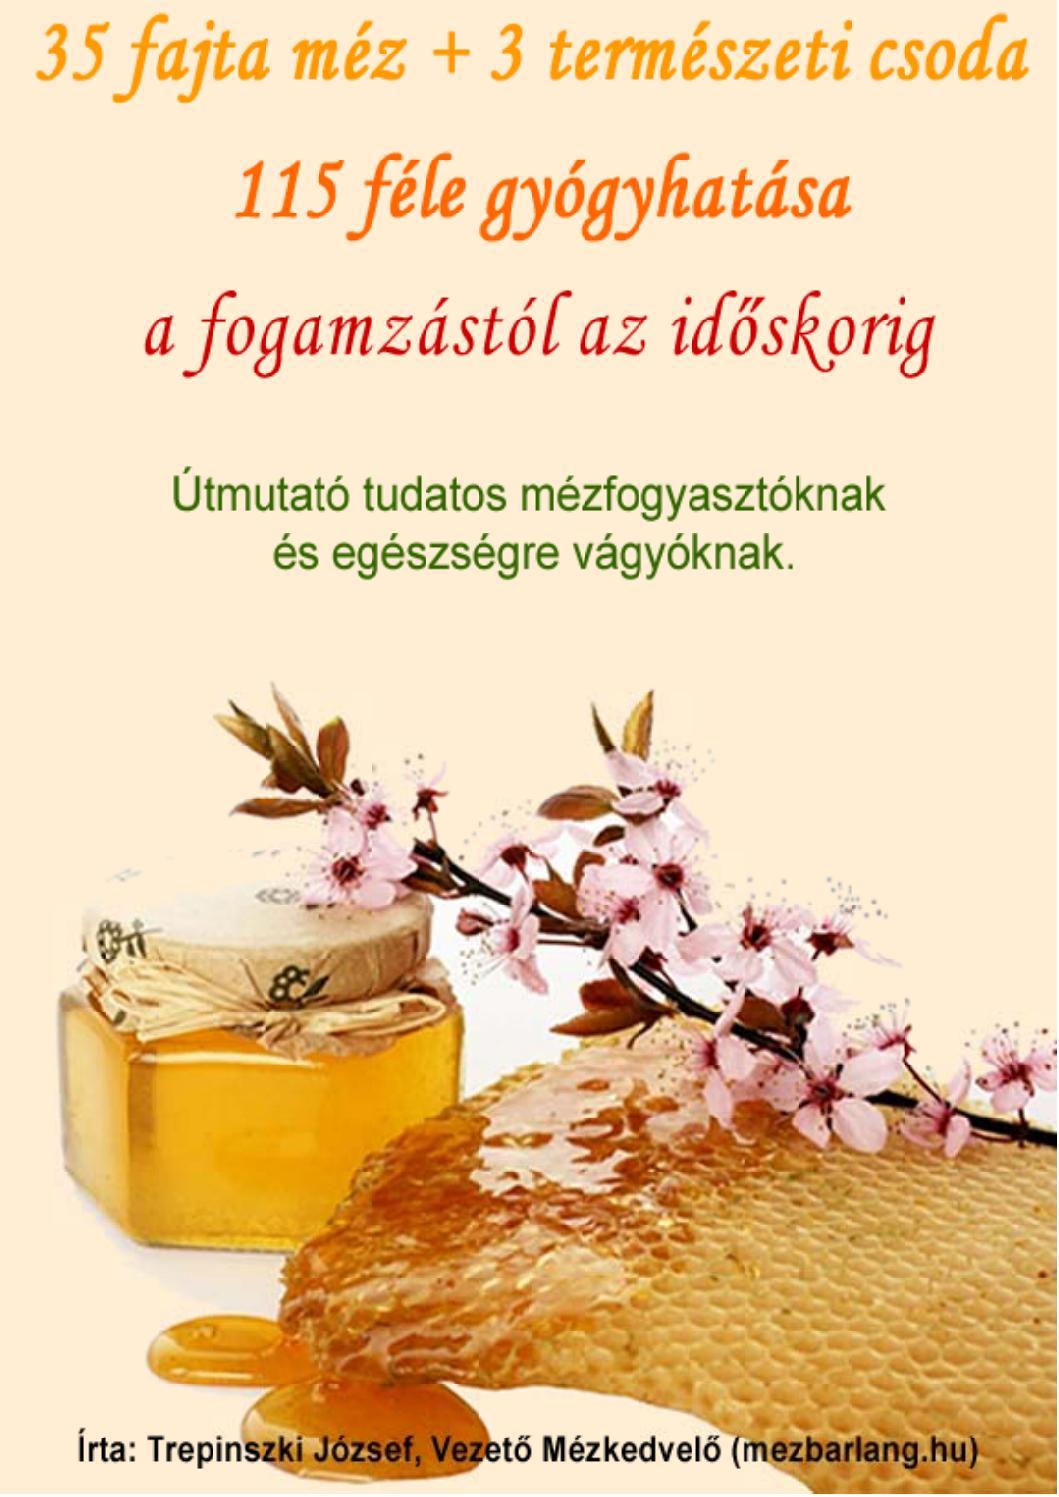 A méz, a citrom, a fokhagyma és a háromság minden előnye